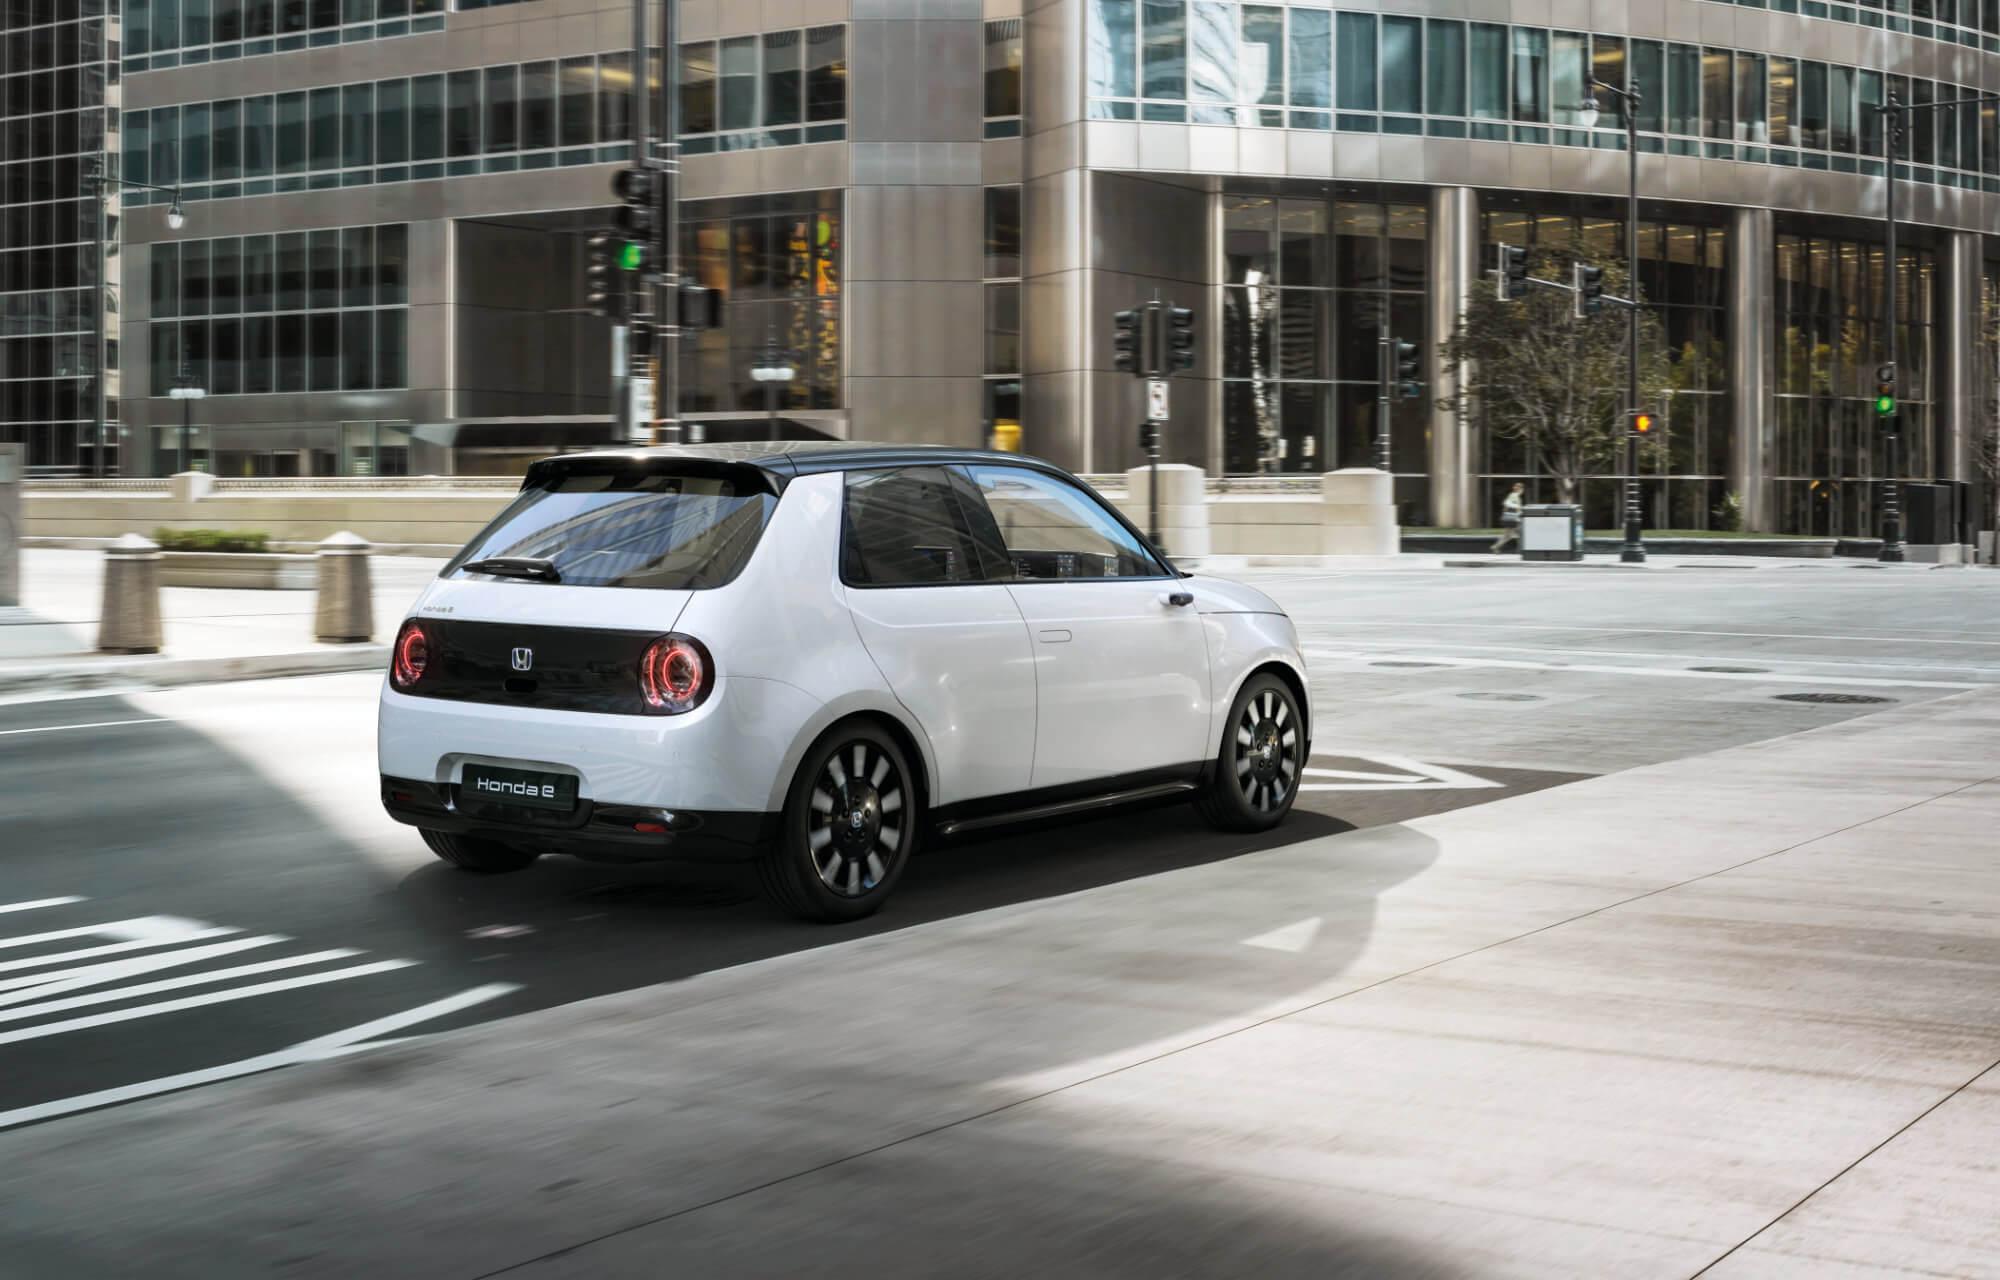 All-Electric Honda e